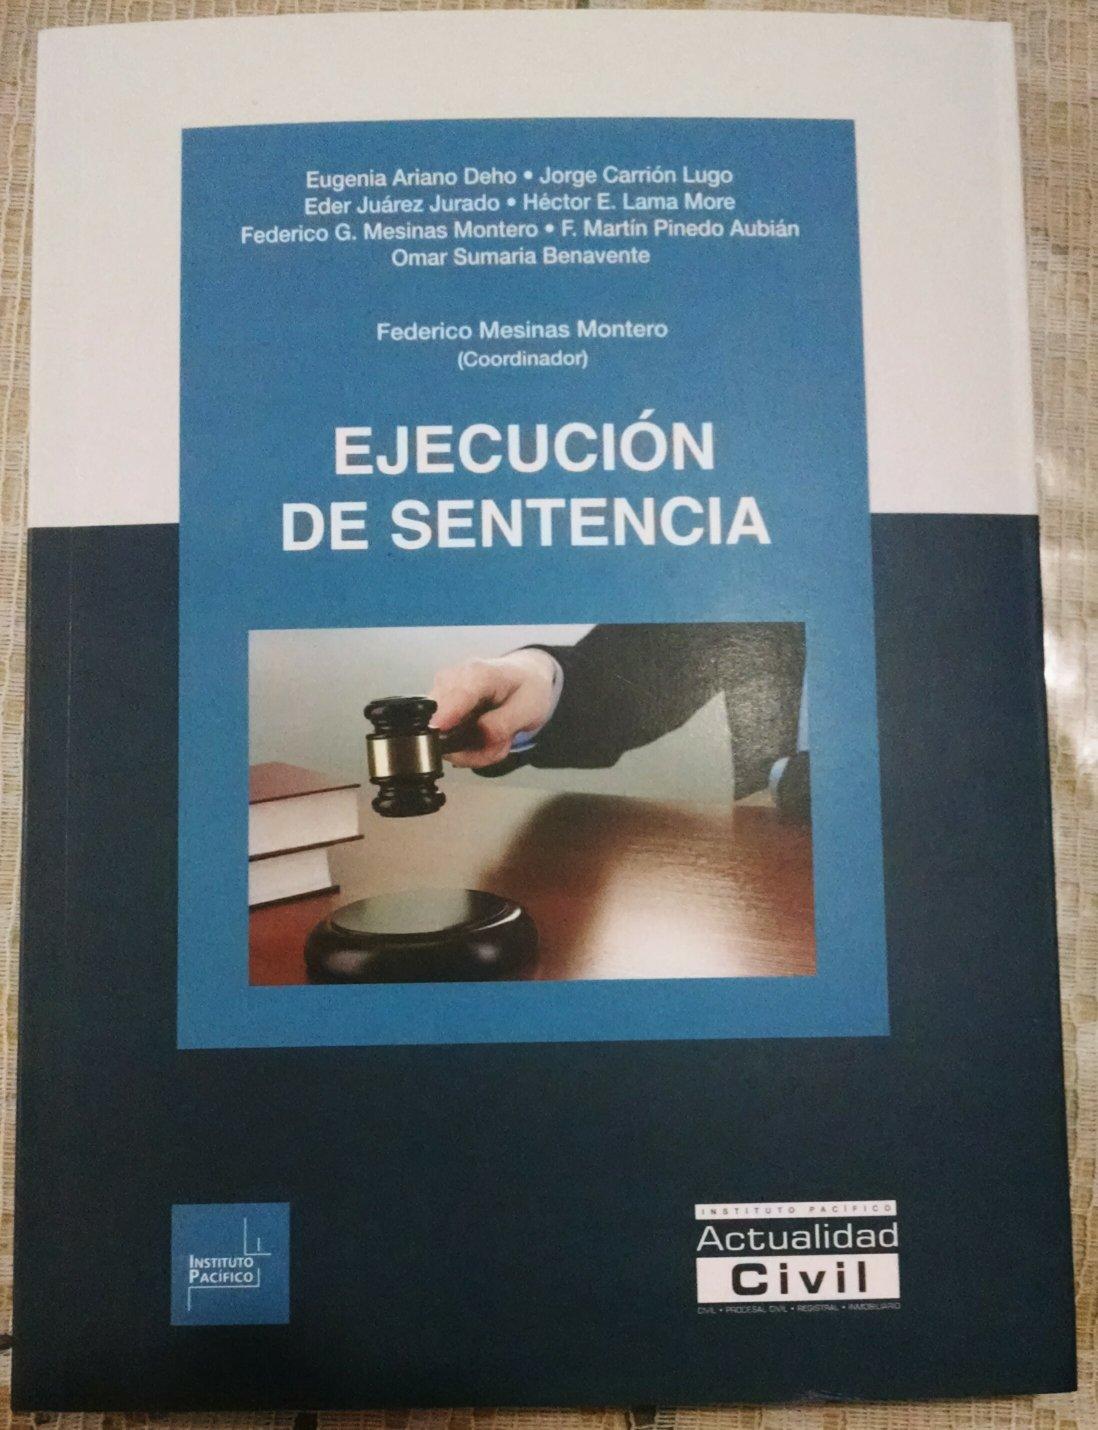 """Libro """"Ejecución de Sentencia"""", Instituto Pacífico, Lima, mayo 2015"""